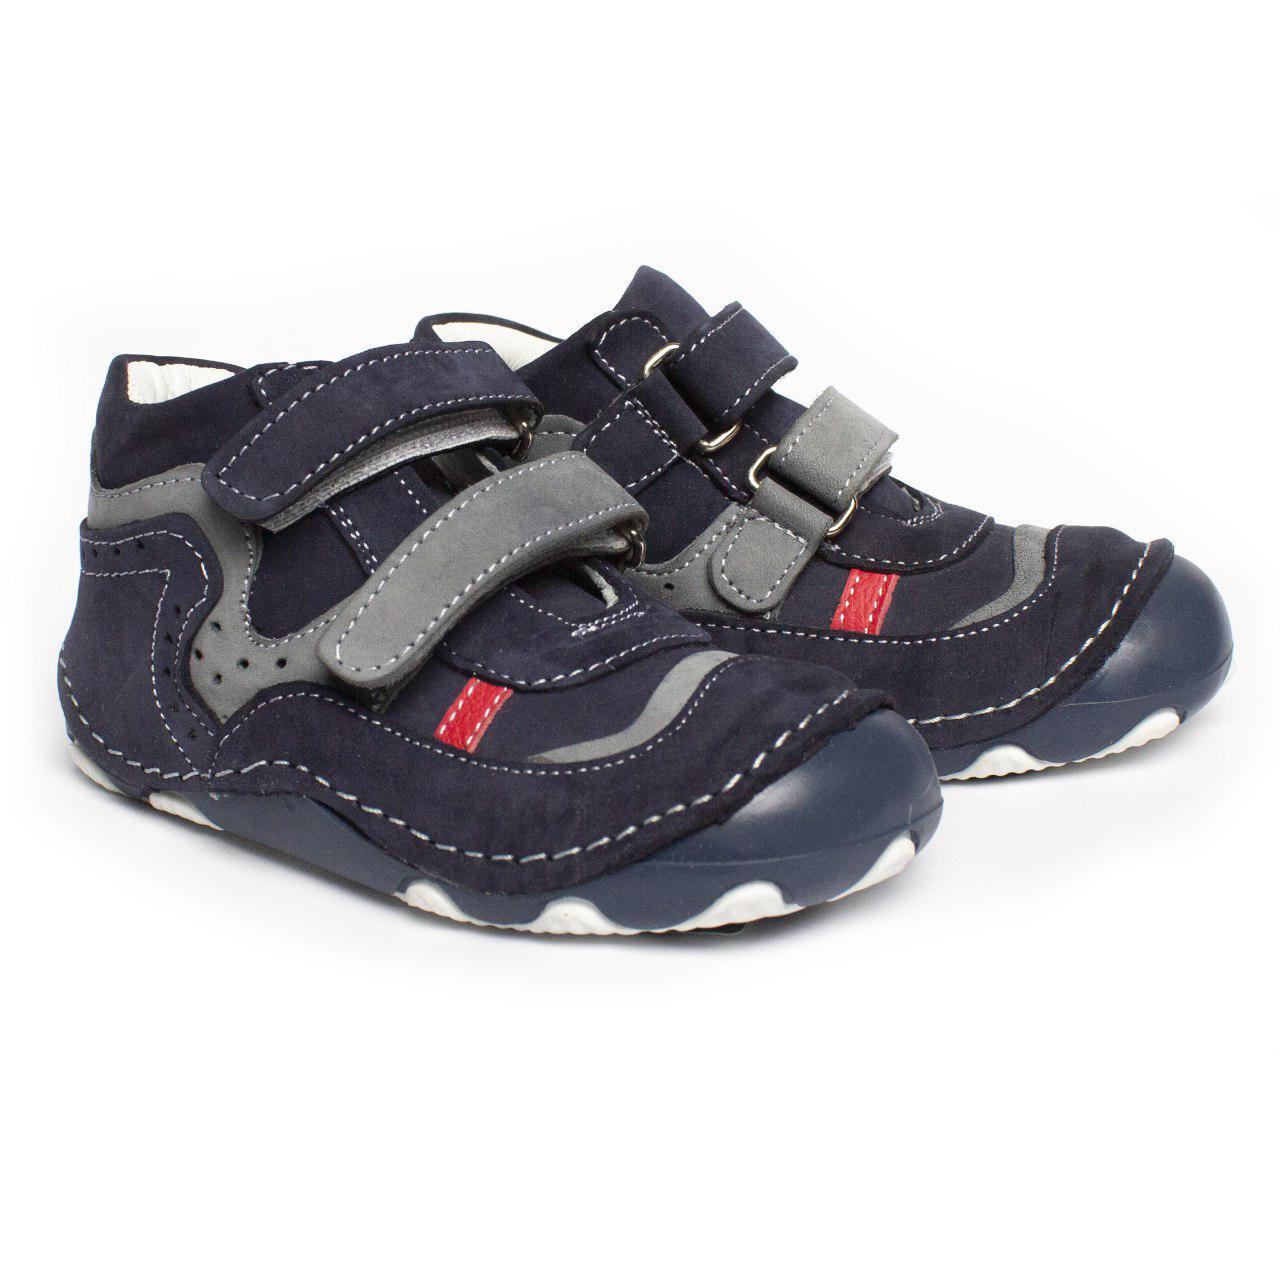 Шкіряні черевички-пінетки для хлопчика, розміри 19, 20, 22